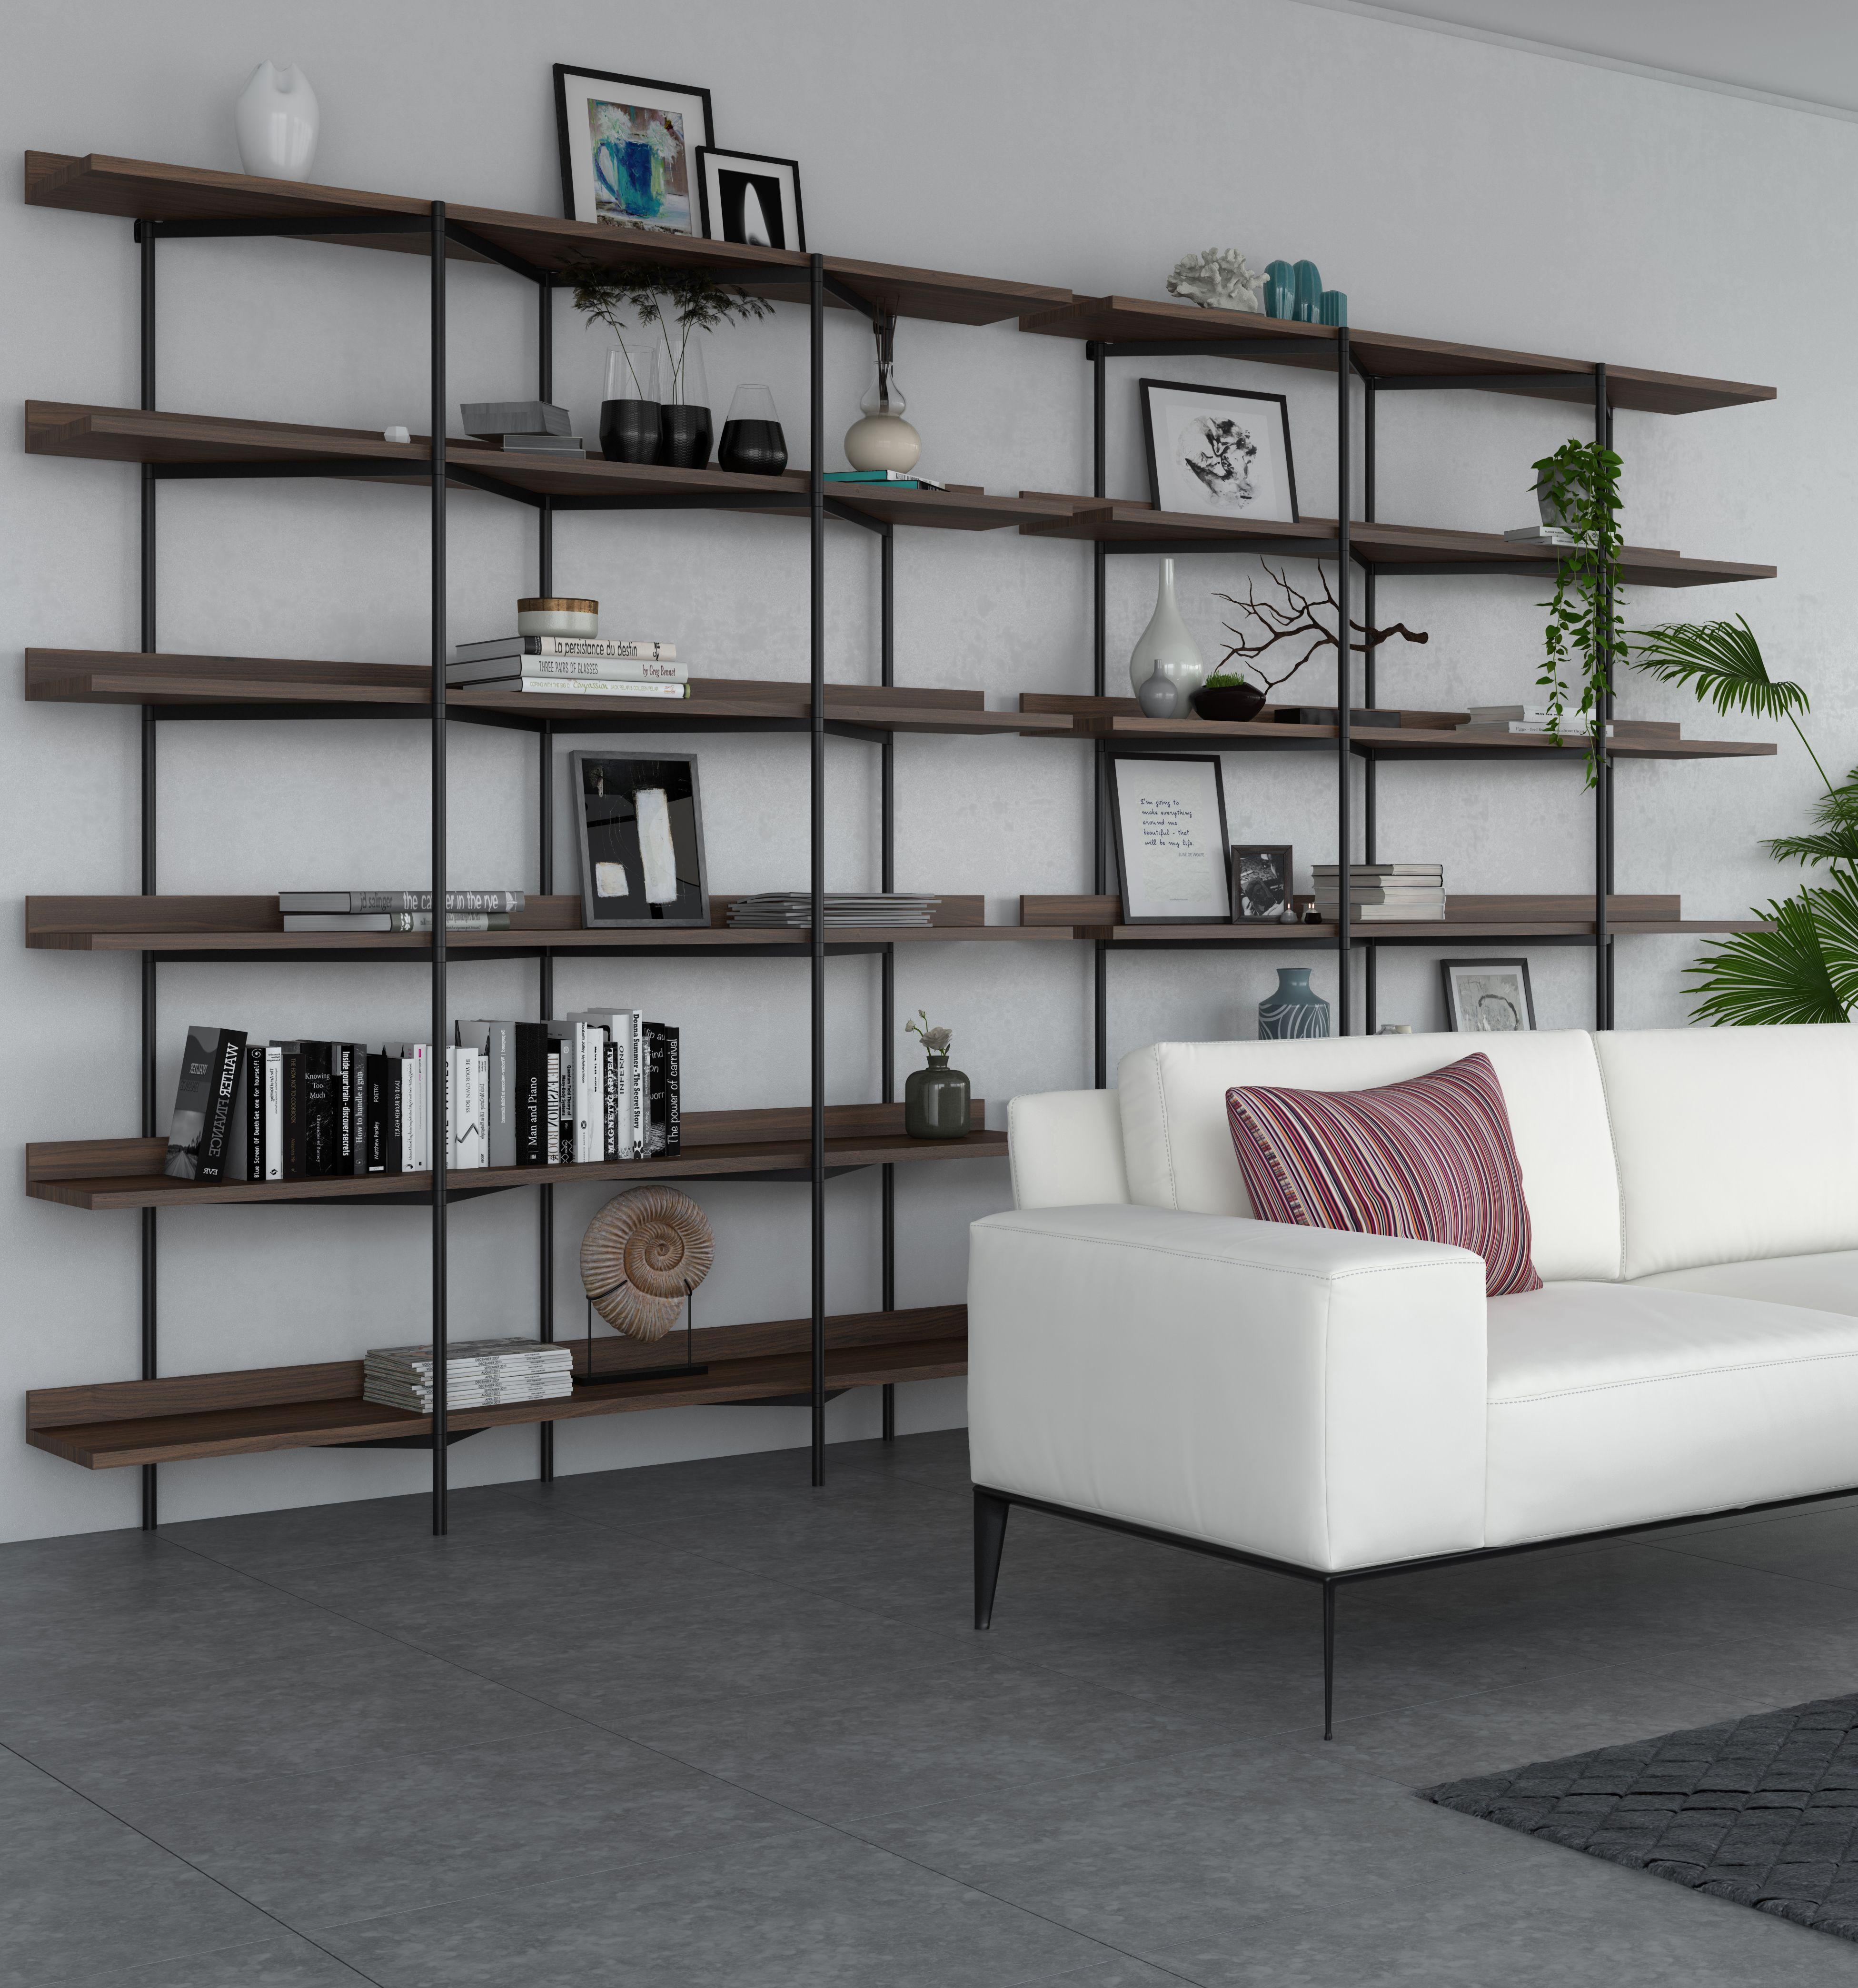 Kite Shelf Unit Built In Shelves Living Room Walnut Shelves Shelves